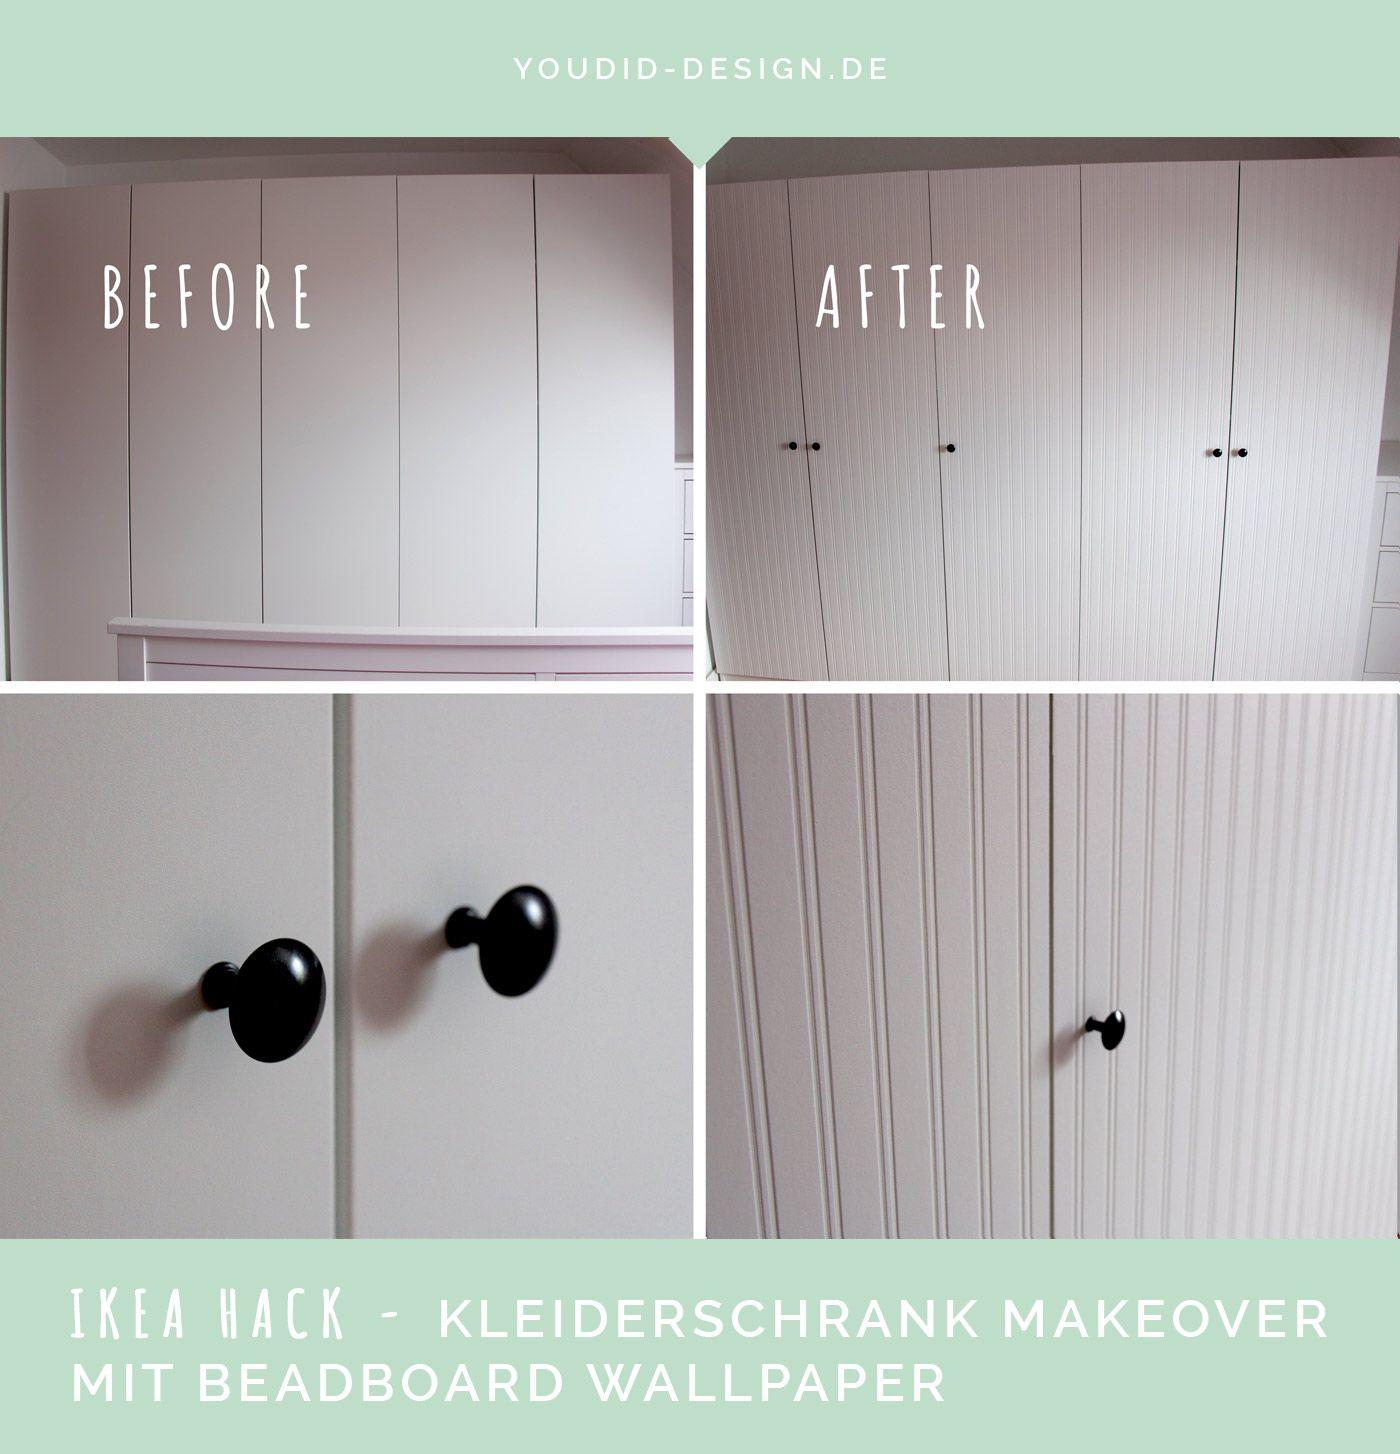 Ikea Hack Pax Kleiderschrank Makeover Mit Beadboard Wallpaper Ikea Pax Kleiderschrank Pax Kleiderschrank Ikea Kleiderschrank